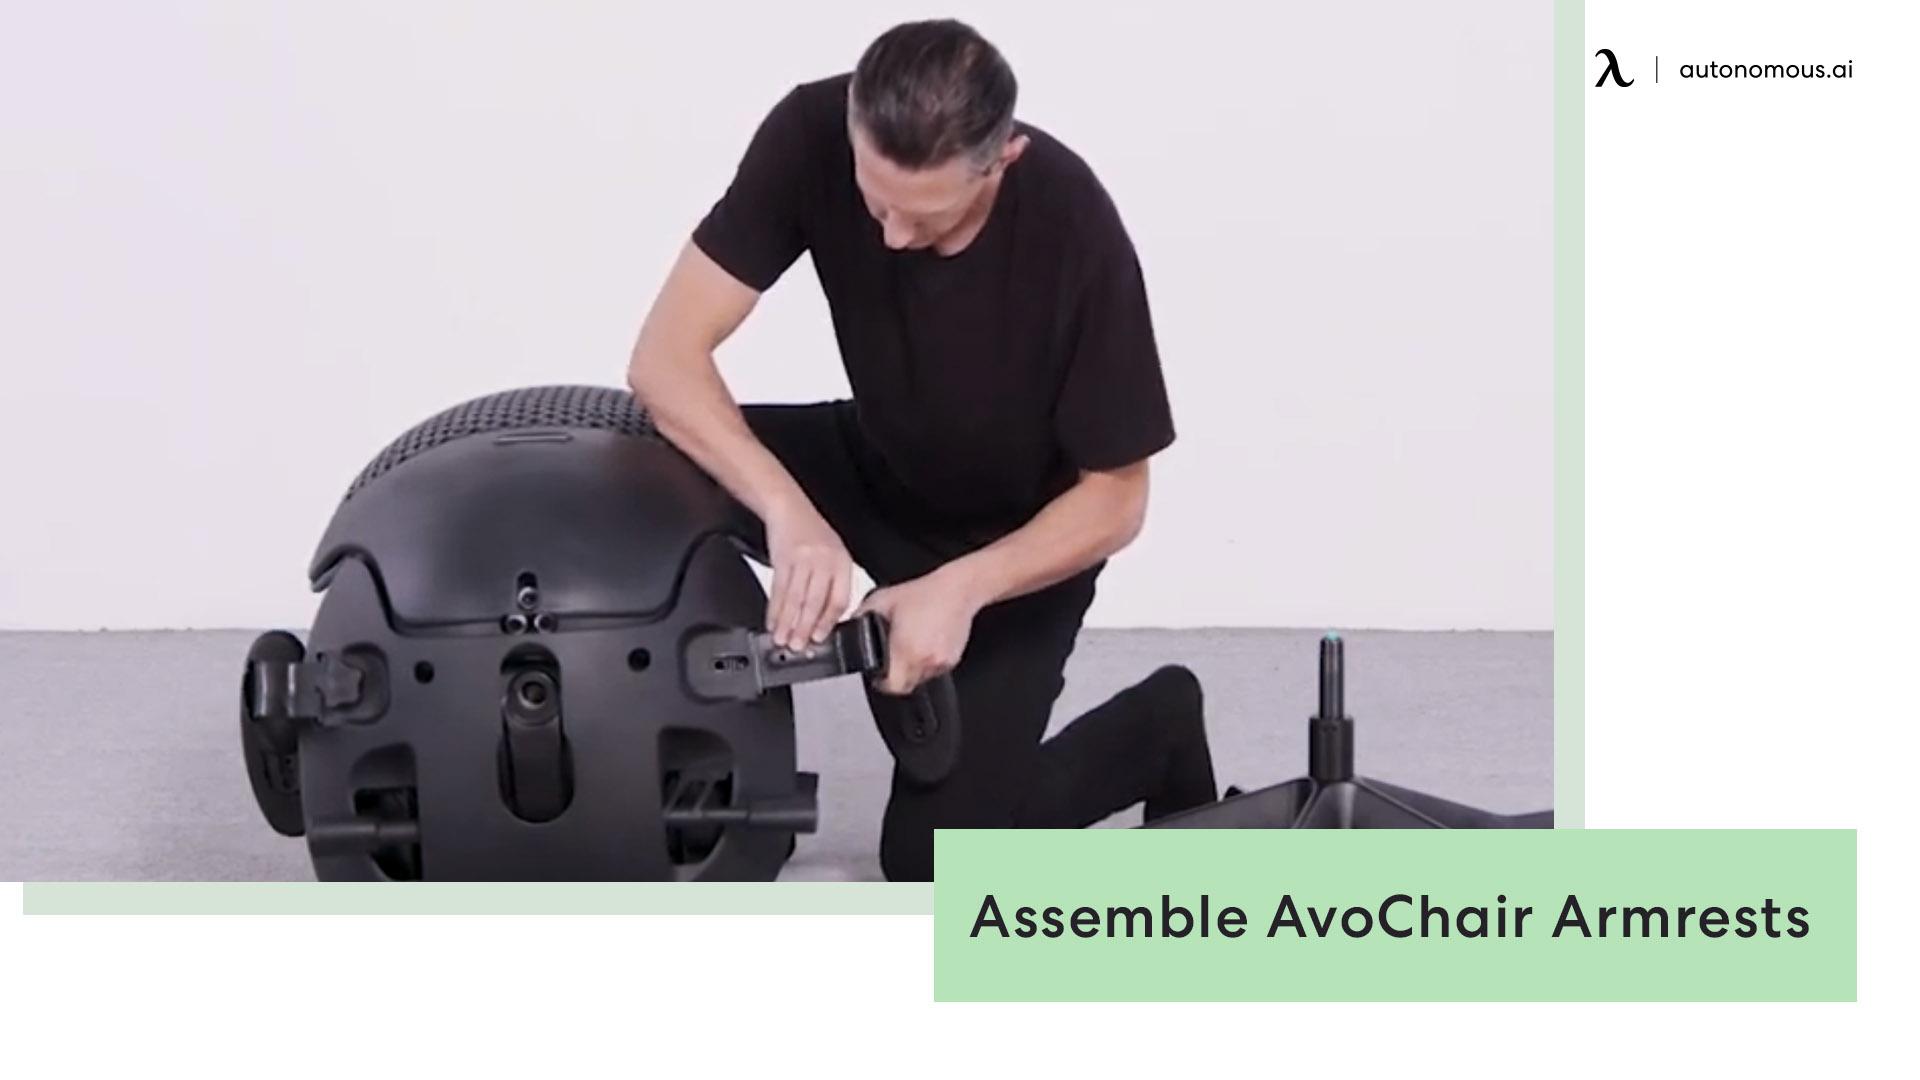 AvoChair Armrests